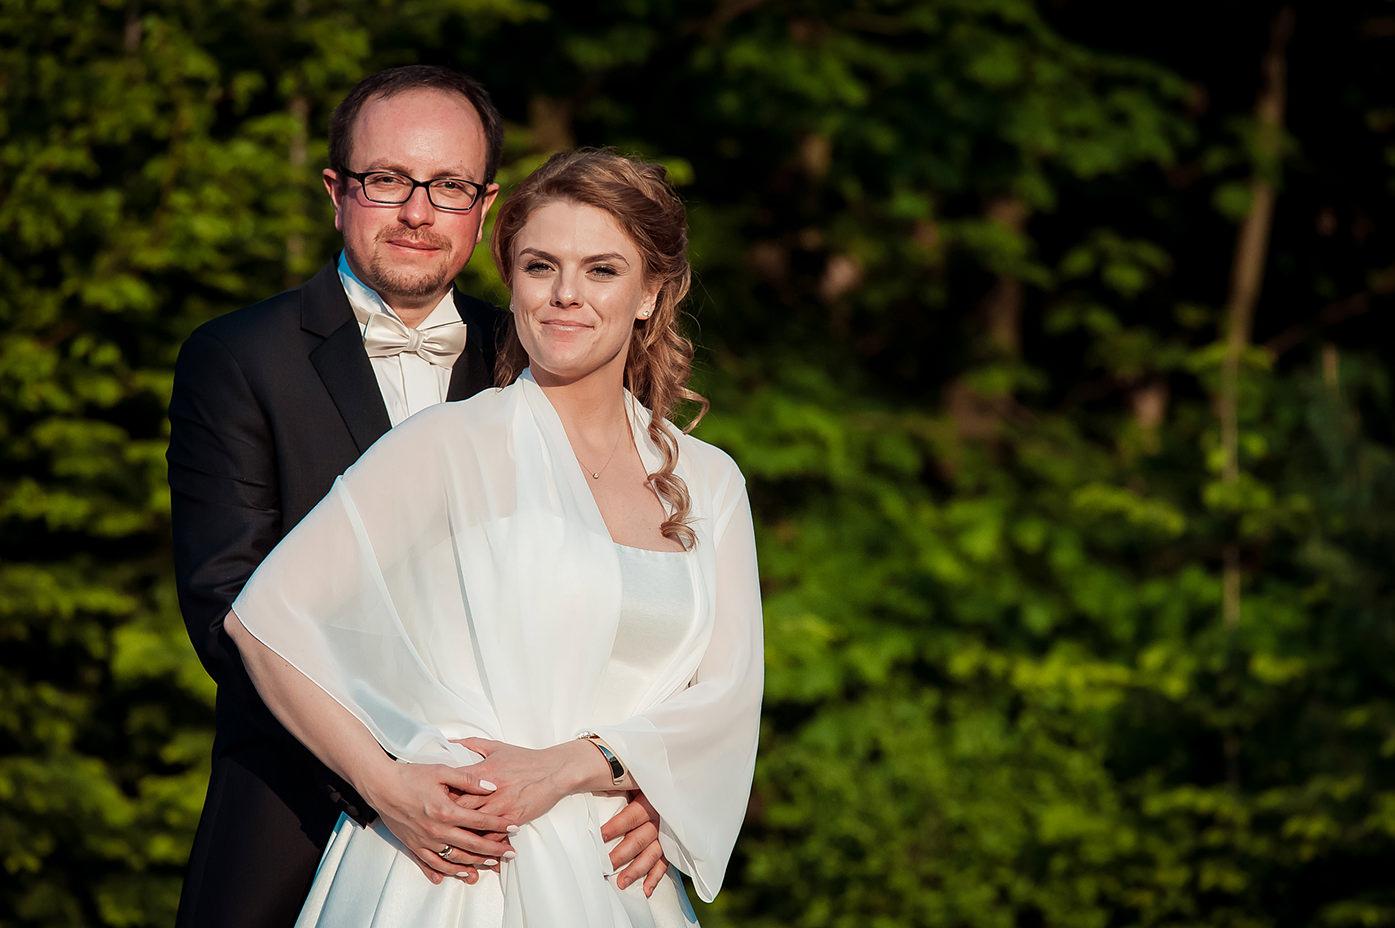 Rafał Kowalski Fotograf Ślubny opinie - szczęśliwi nowożeńcy na sesji w dniu ślubu w ogrodzie sali weselnej Kalinówka w Gdańsku